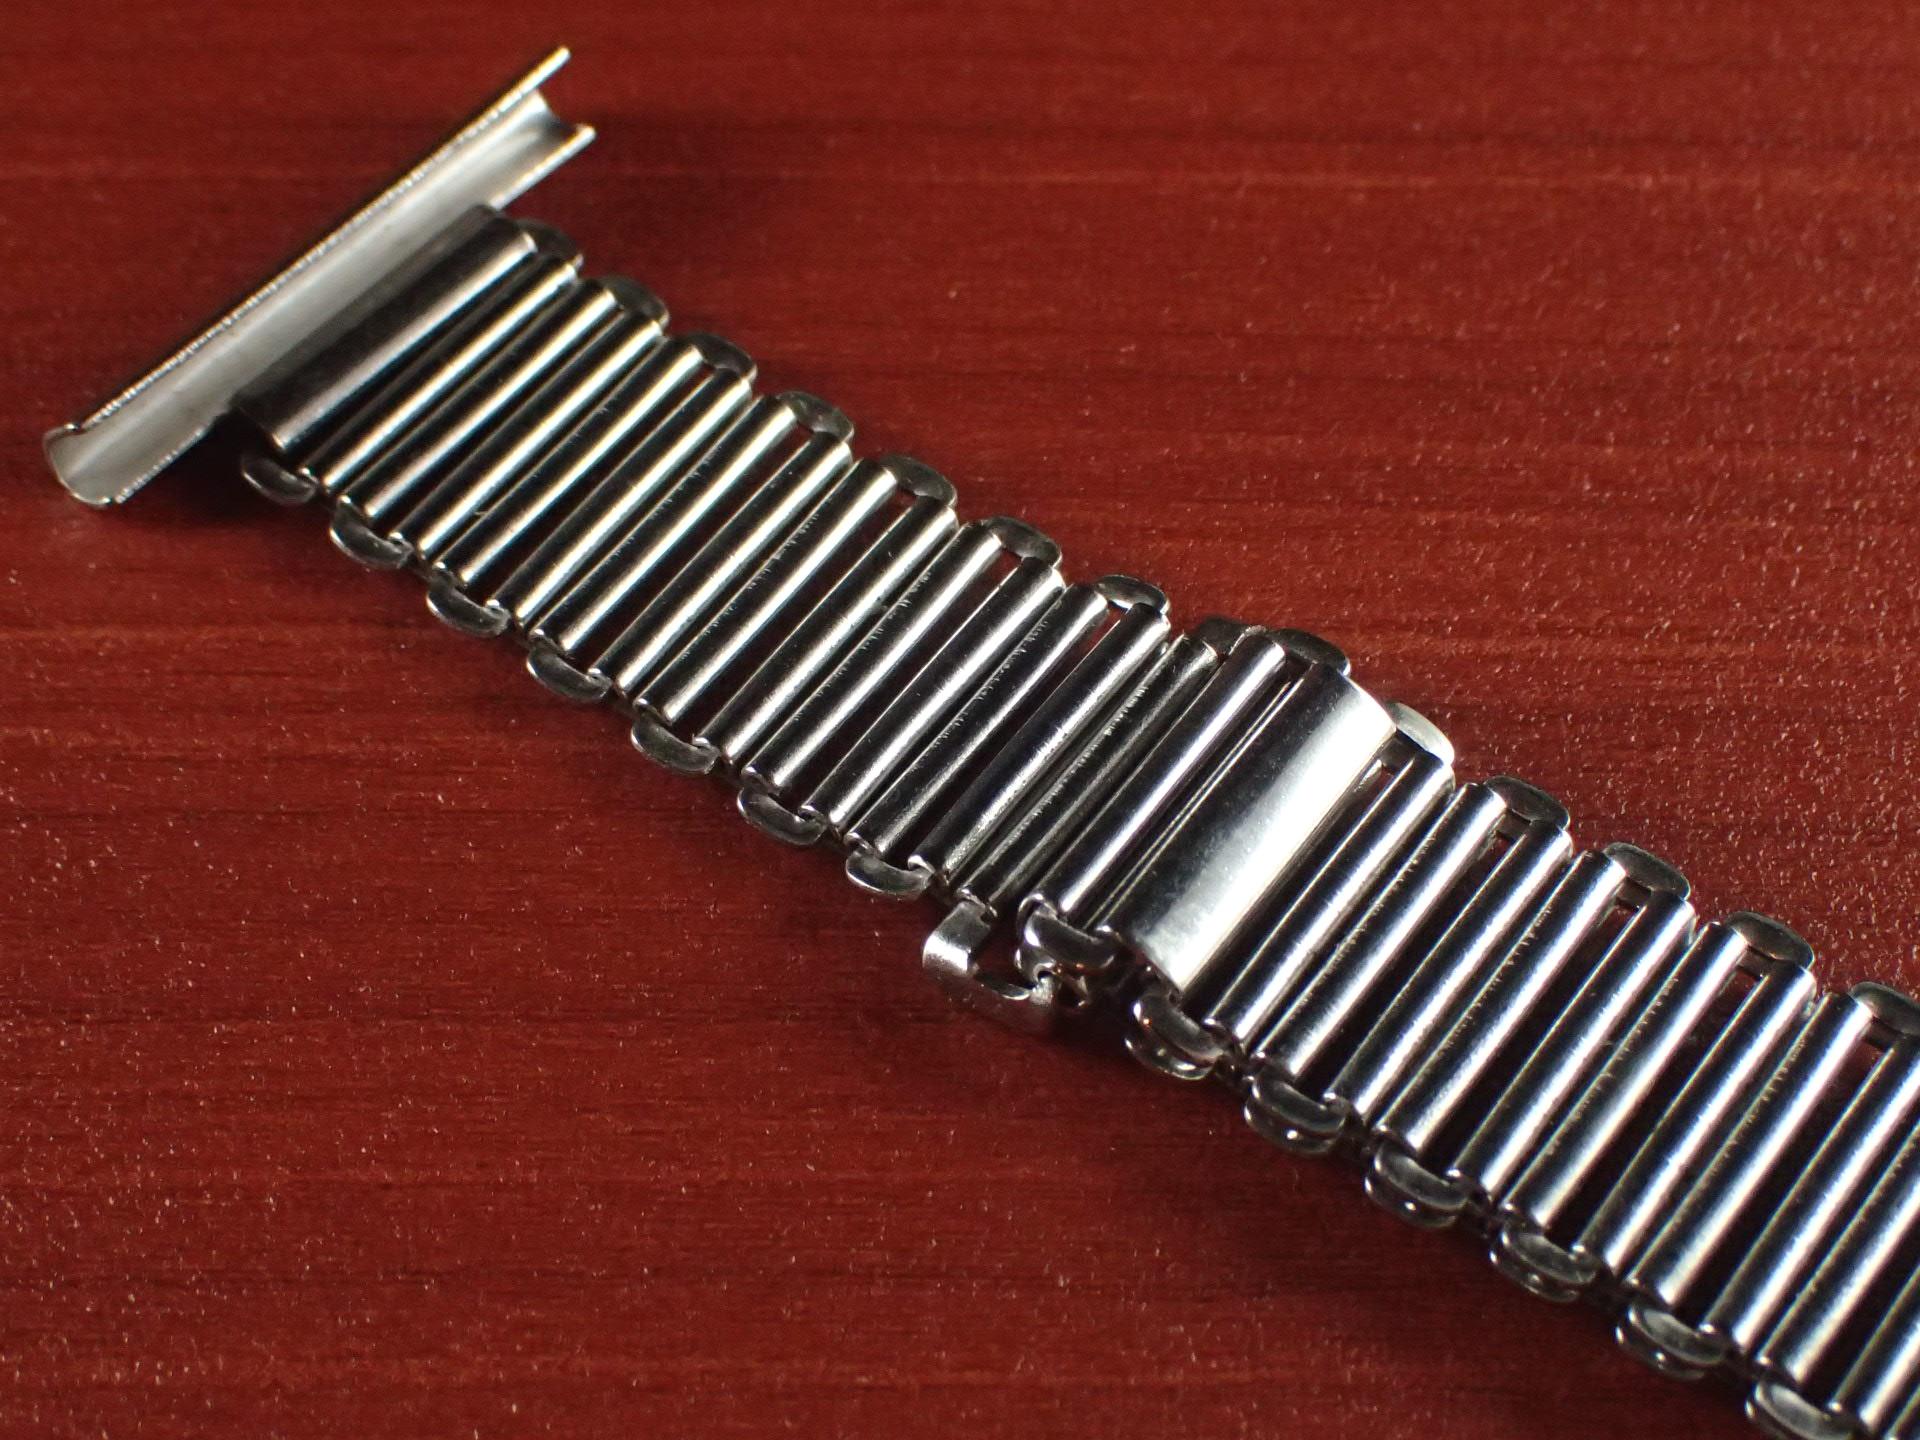 ボンクリップ バンブーブレス NOS 筆記体ロゴ リンク13mm 取付幅20mm SS 1940年代の写真4枚目